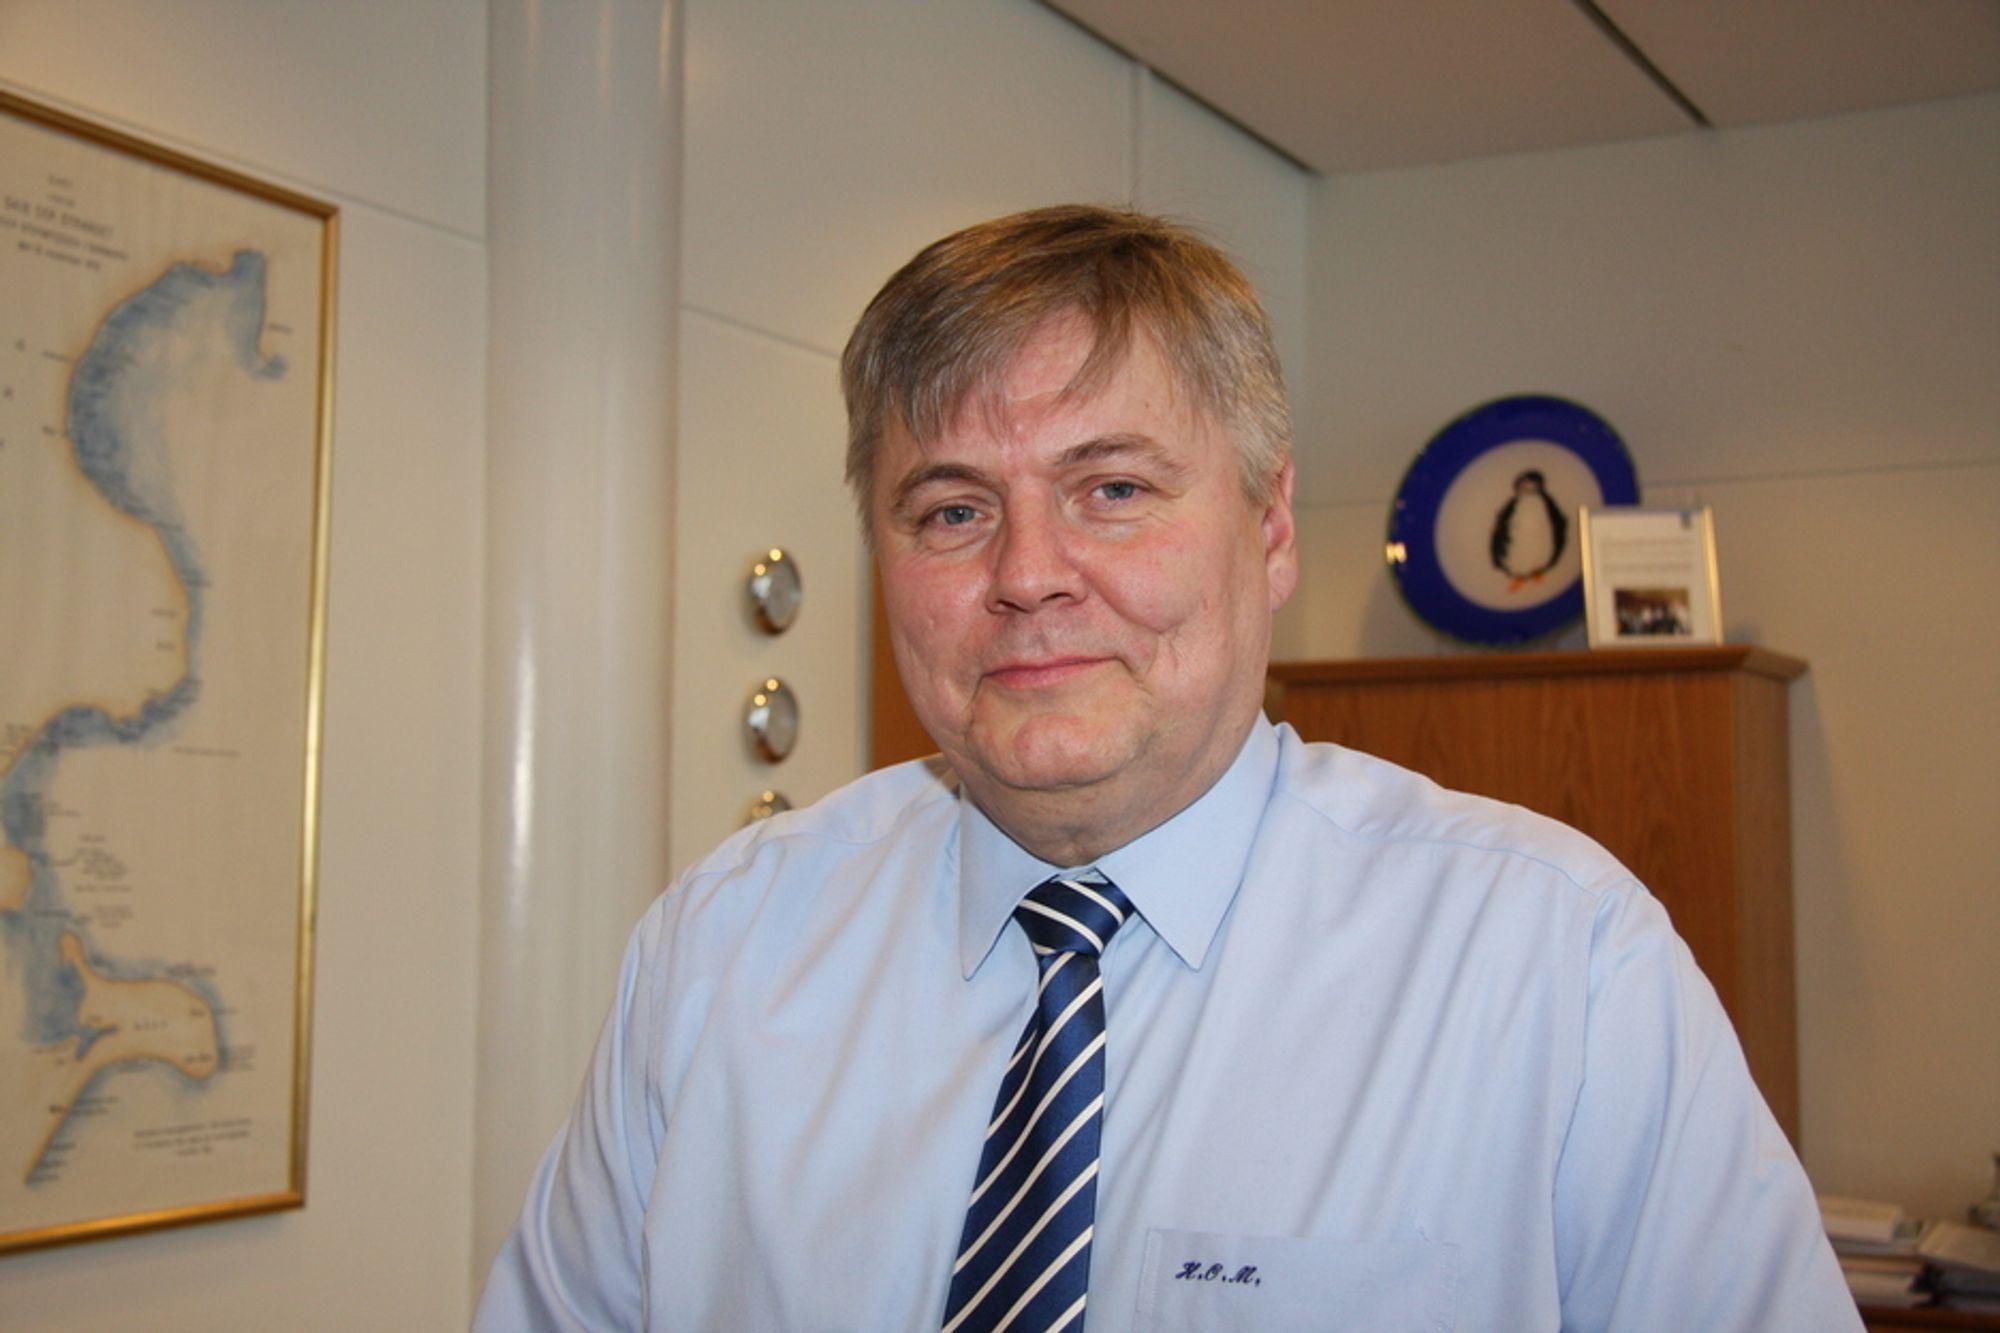 MER I ØSTEN: DNV-sjef Henrik Madsen sikter på oppdrag i forbindelse med utbygging av ukonvensjonelle gassressurser koblet med LNG-fabrikker i Asia og Australia.